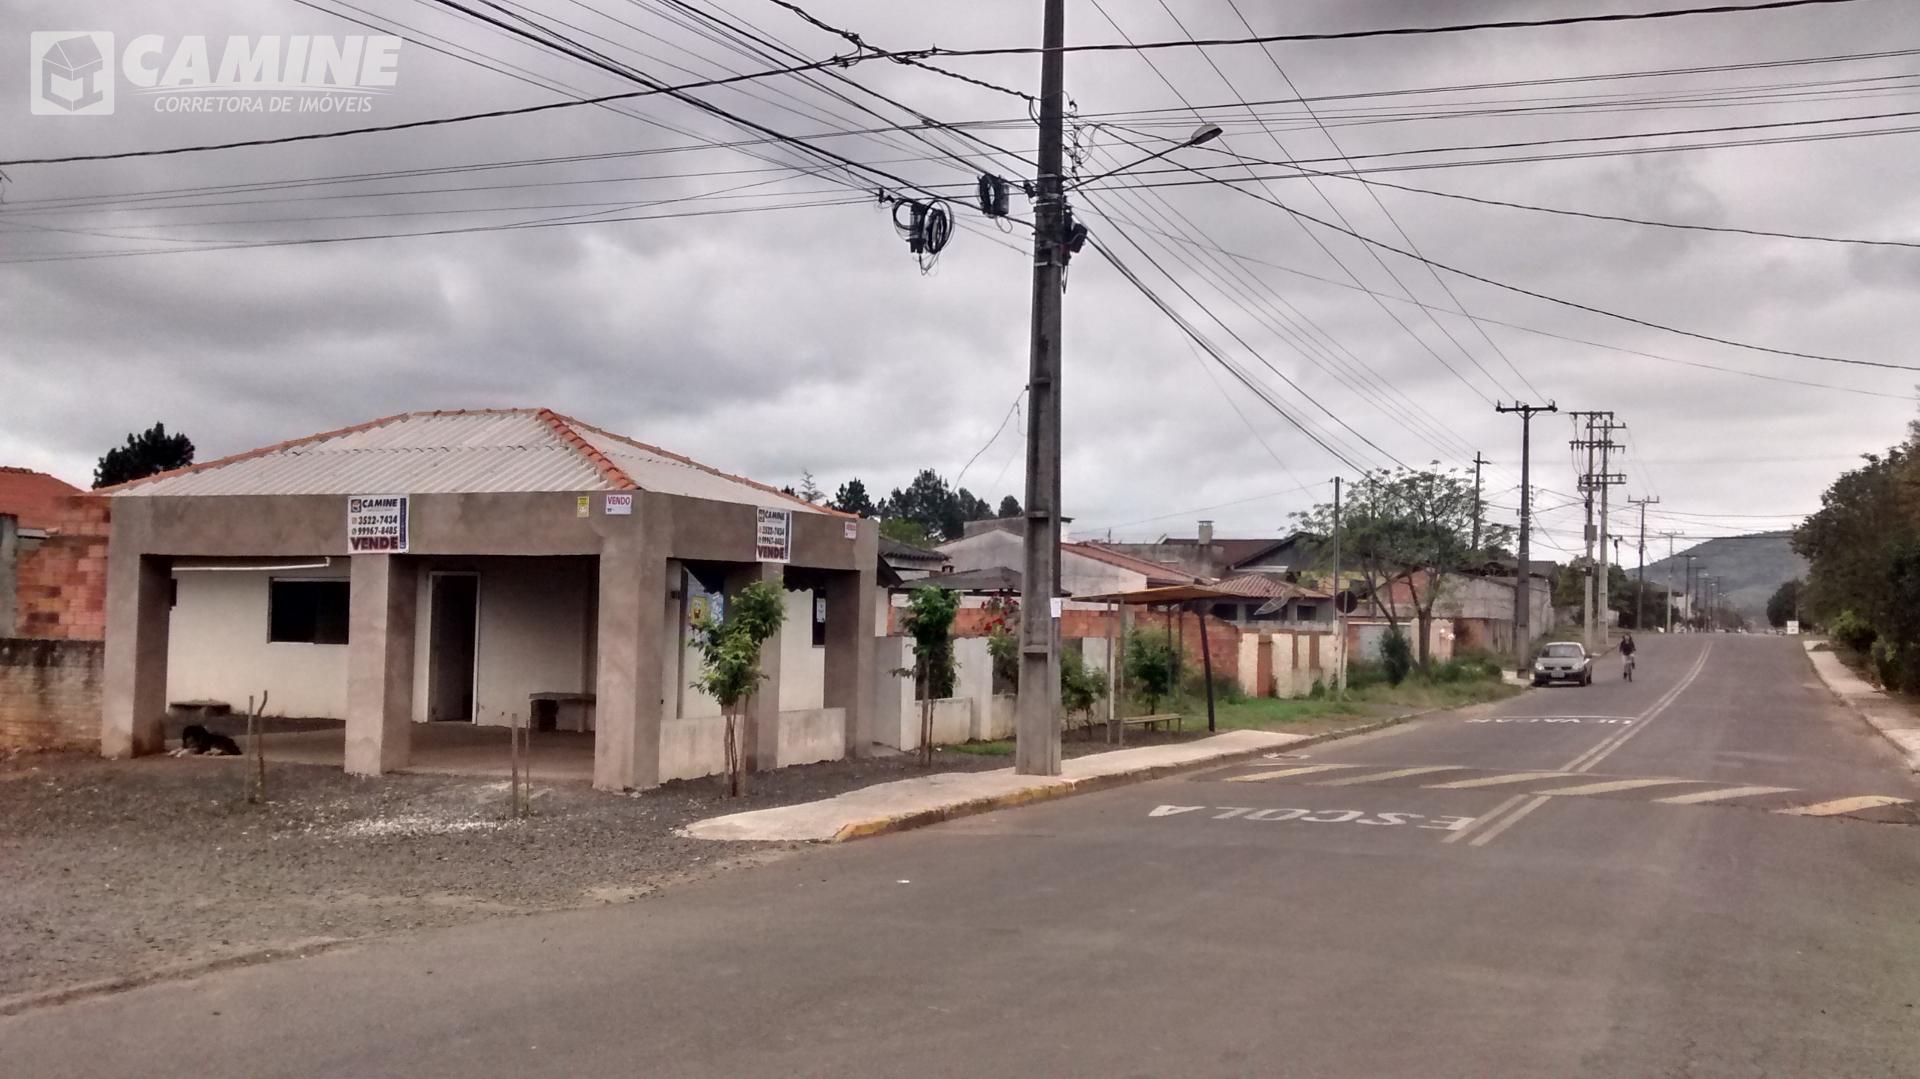 COMERCIAL BAIRRO CIDADE JARDIM - UNIAO DA VITORIA/PR